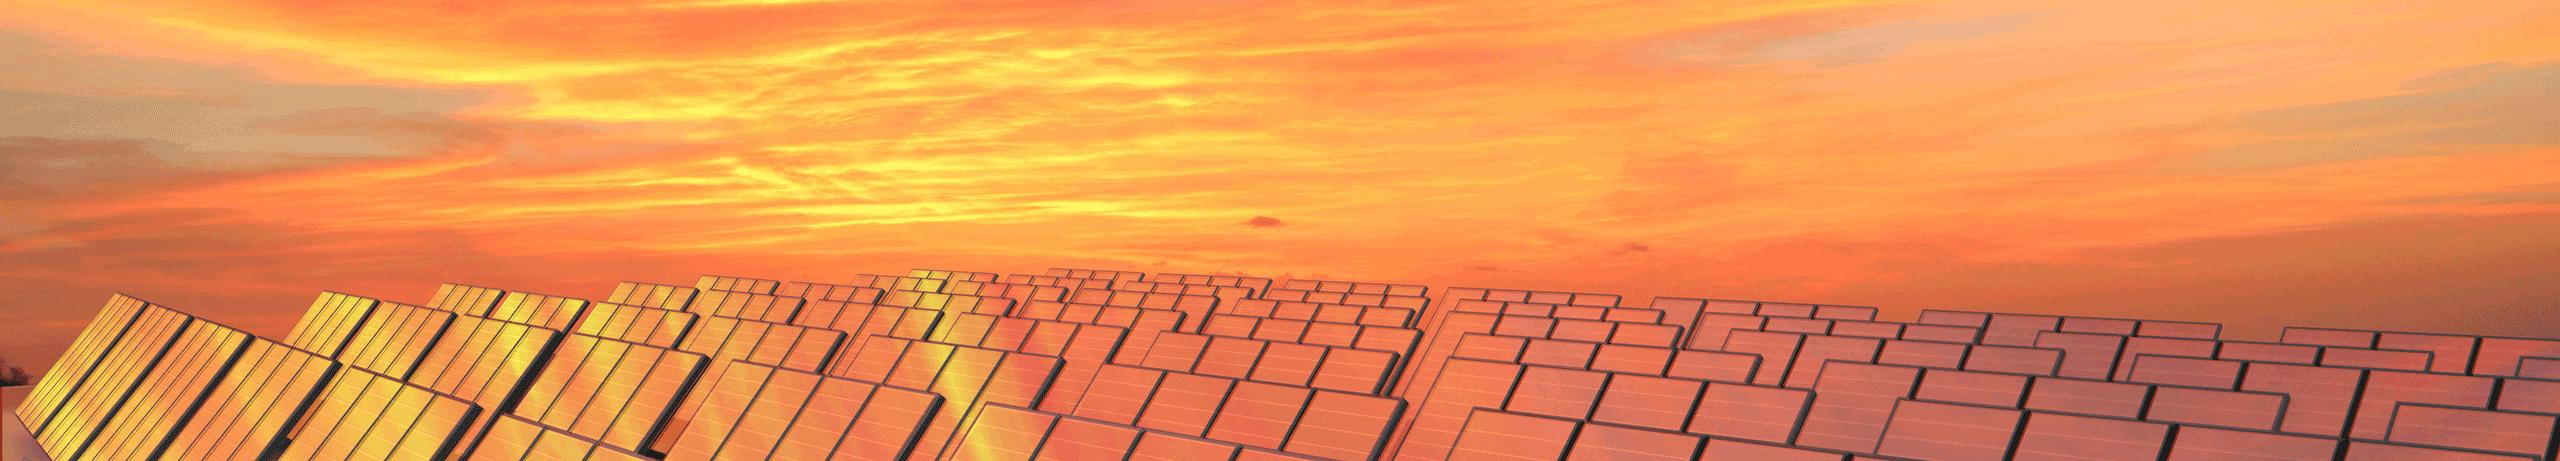 Lavaggio impianti fotovoltaici domestici casa